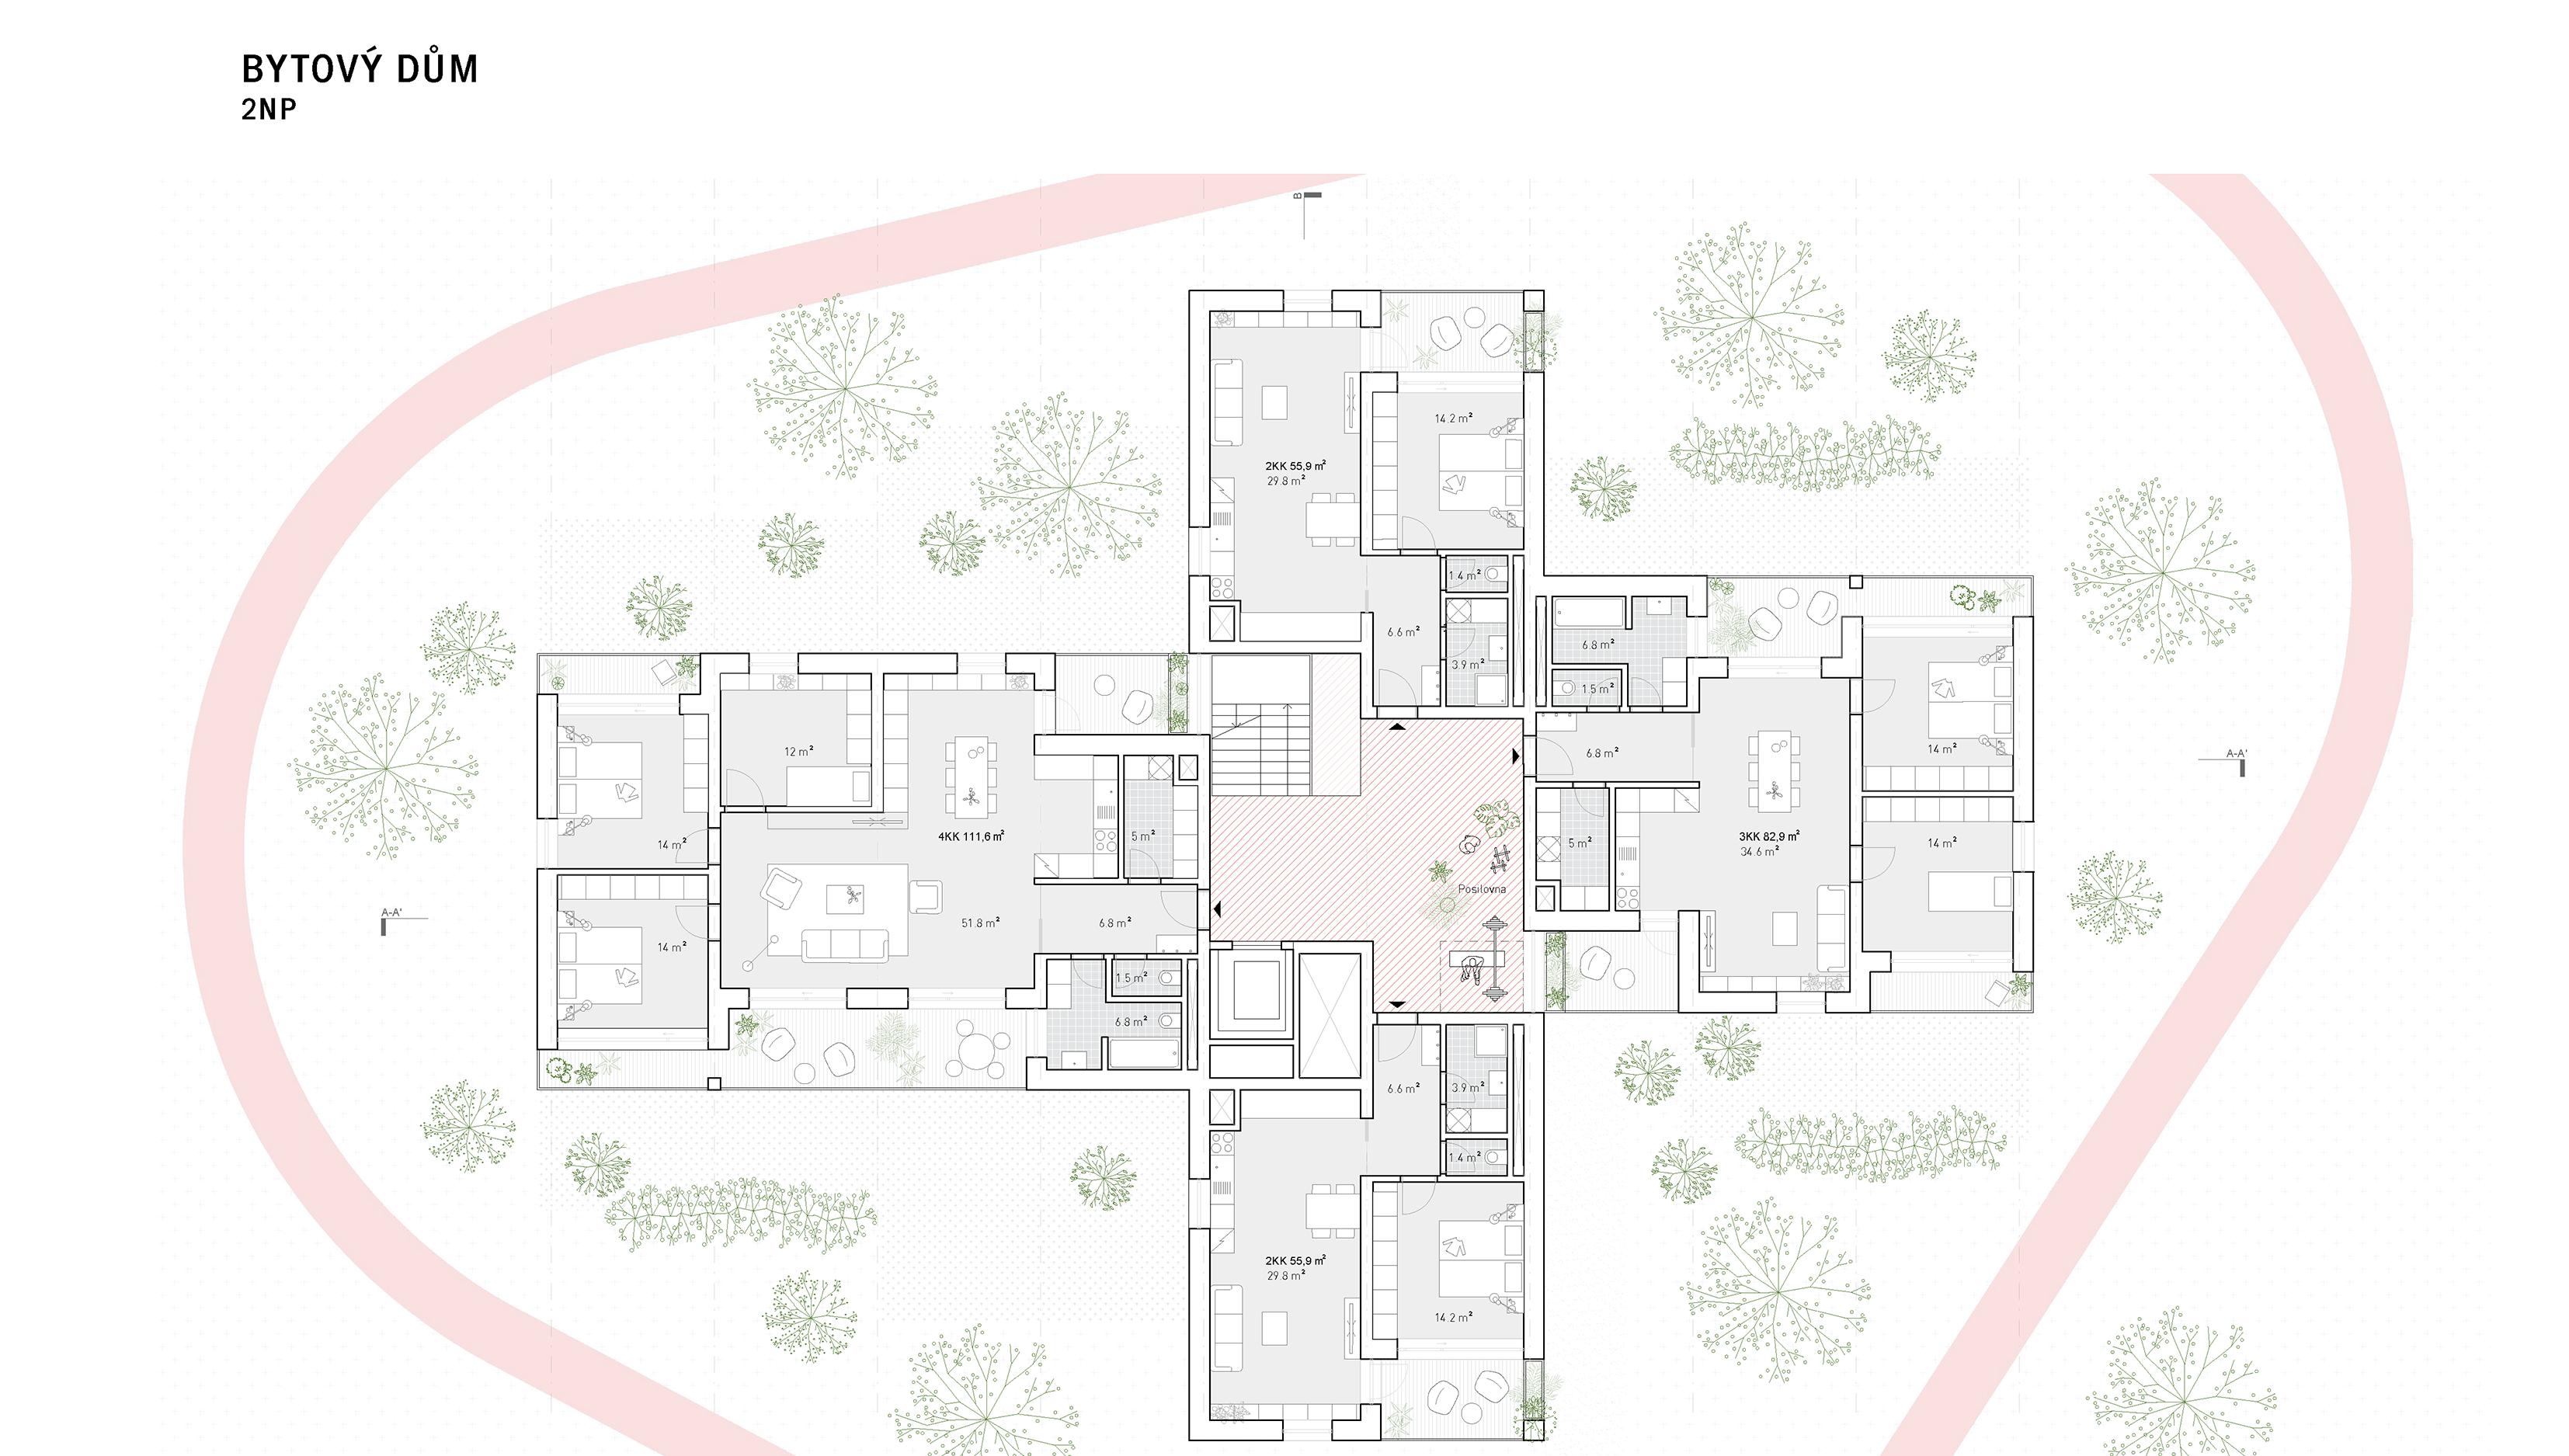 layout_case_0003_200605_Zdrave-domy_chkau_Page_74